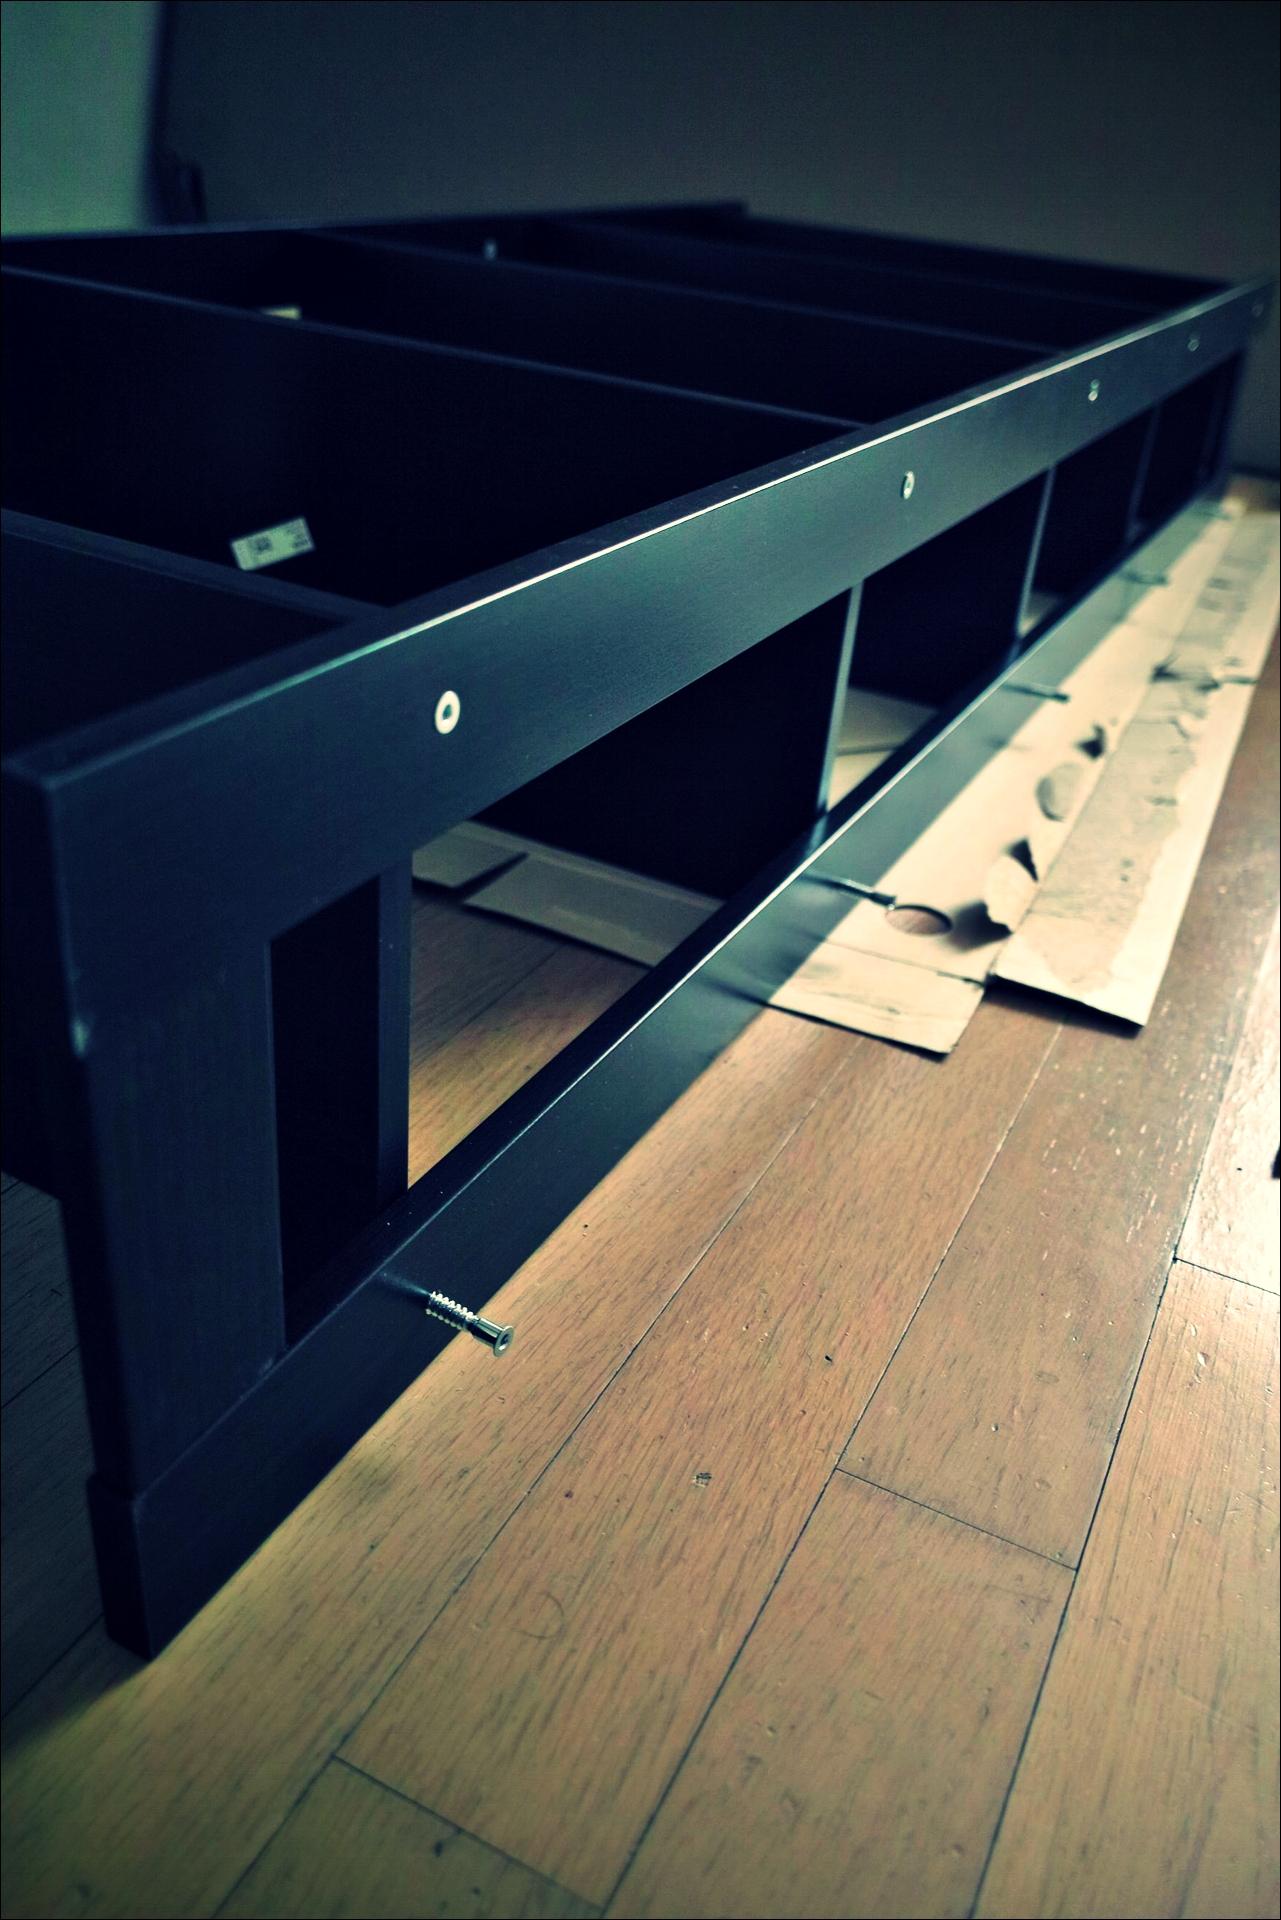 조립 중-'이케아 가구 조립 노하우. How to assemble ikea furnitures'